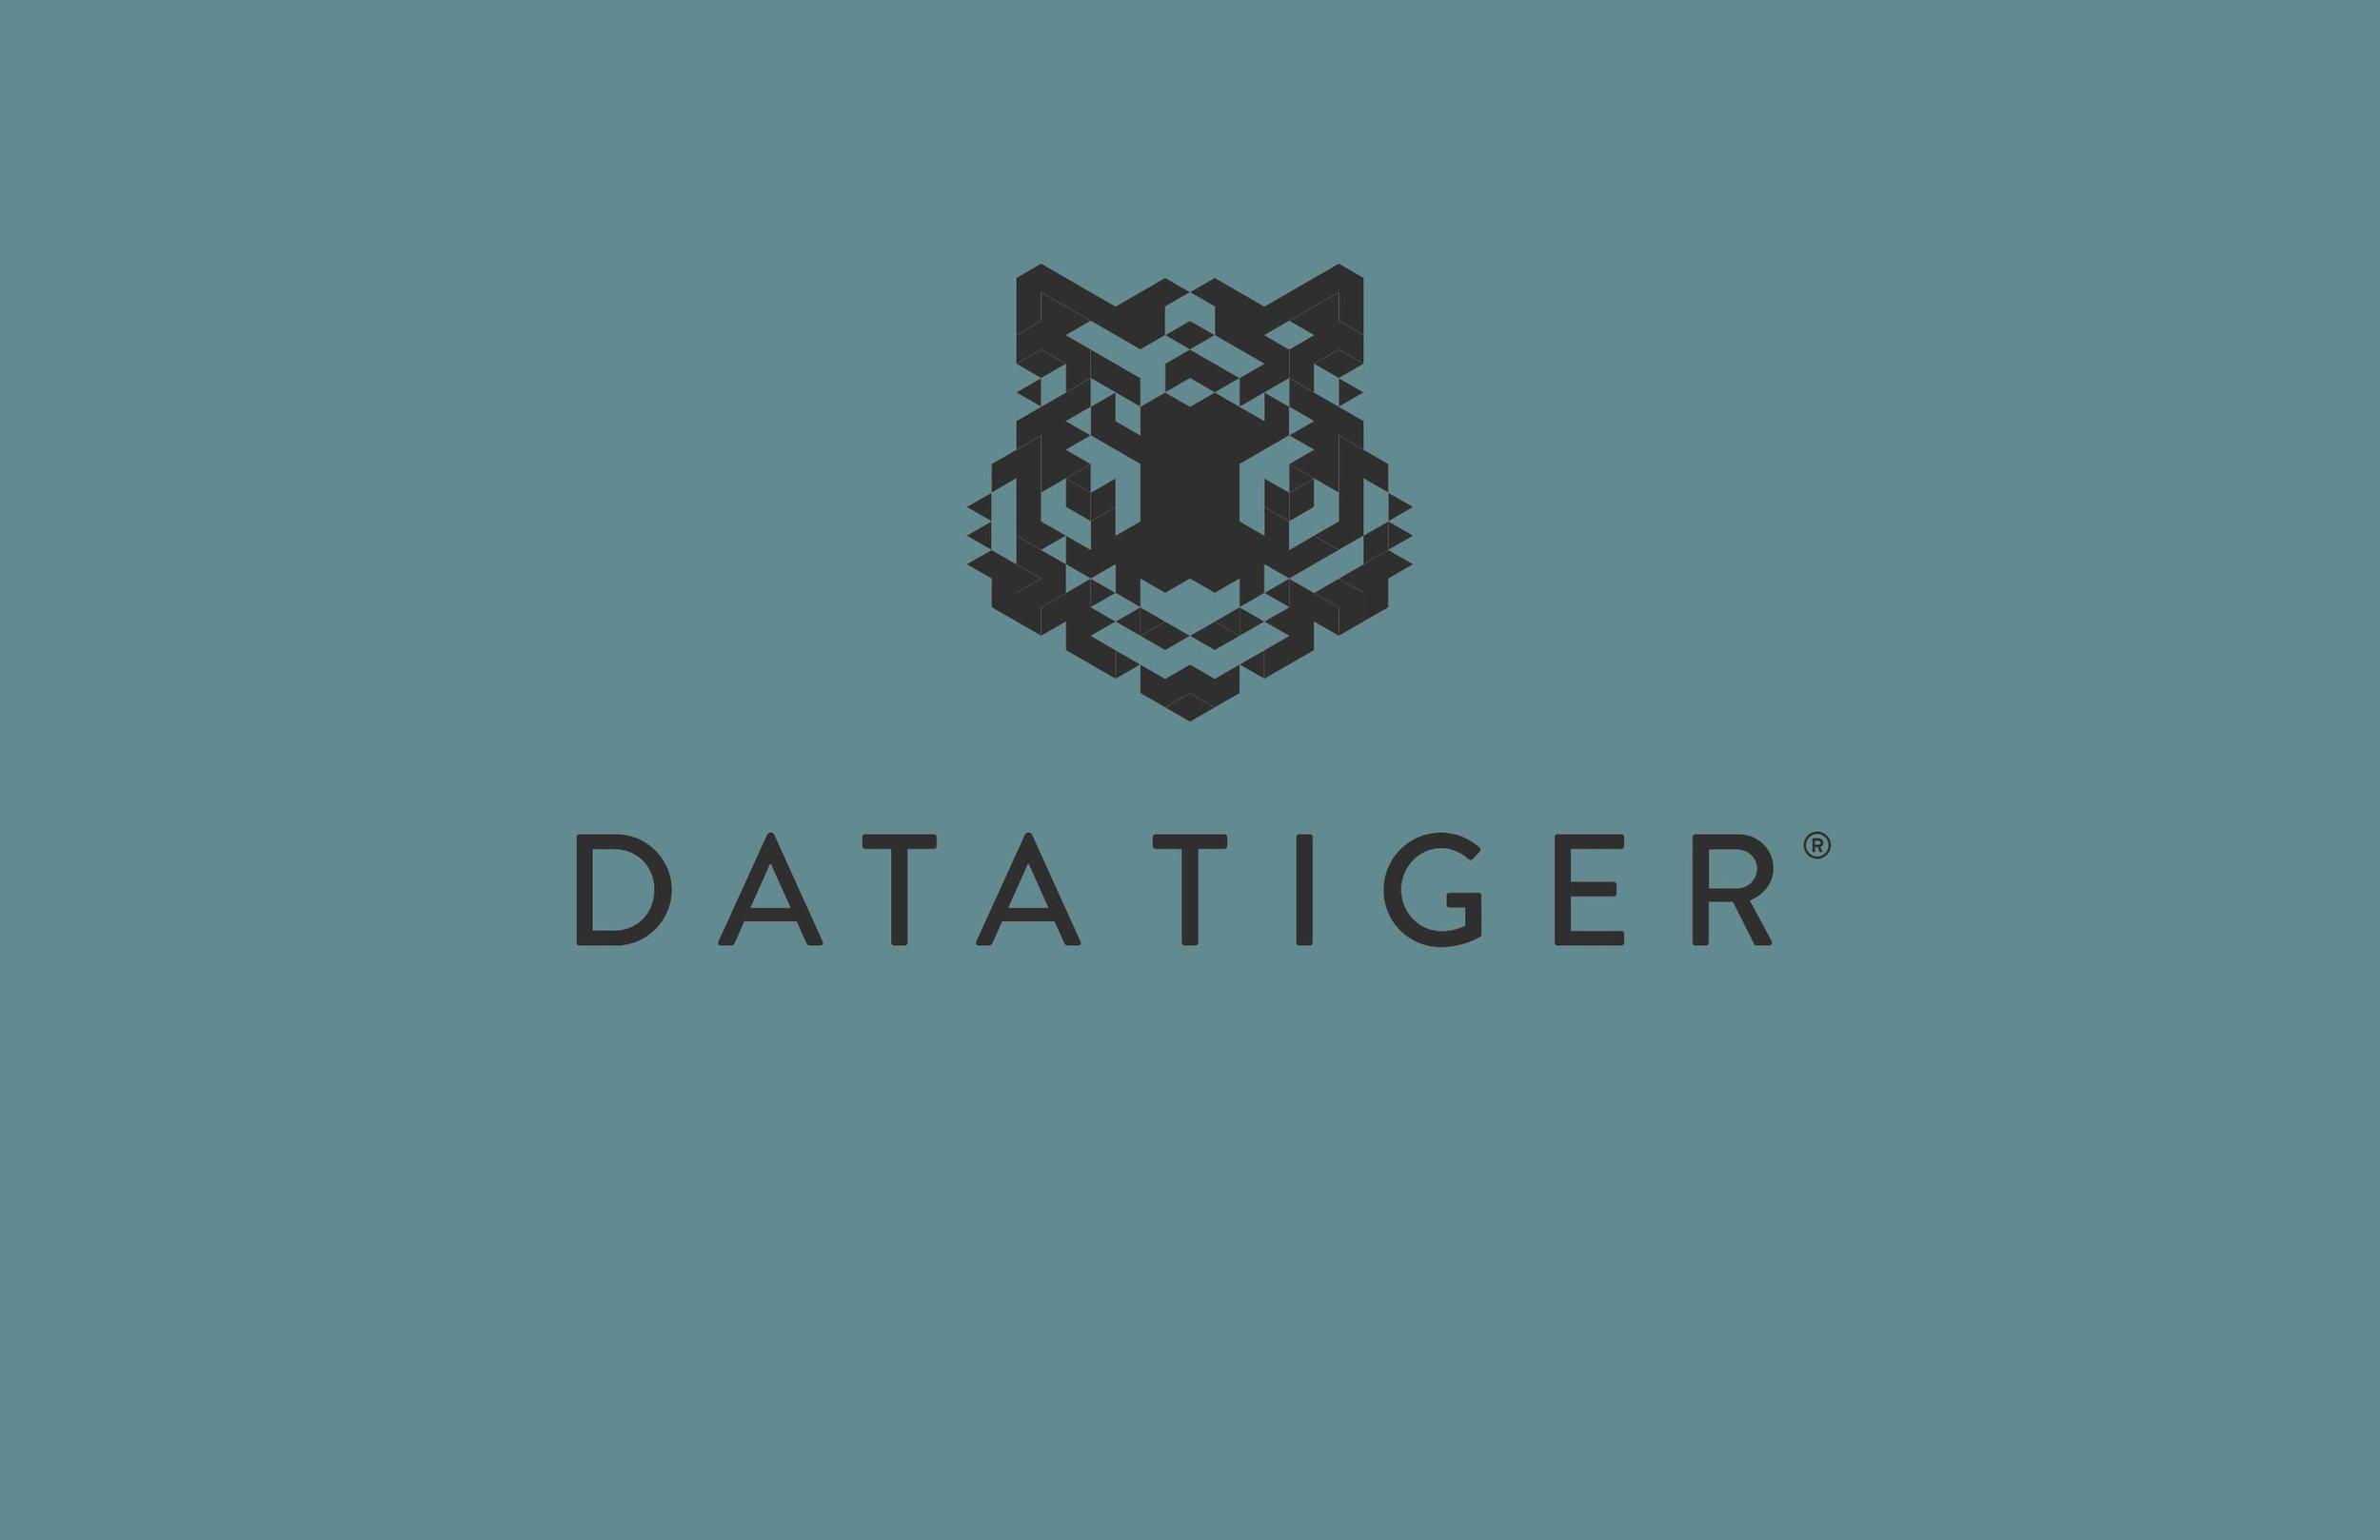 datatiger logo.jpg